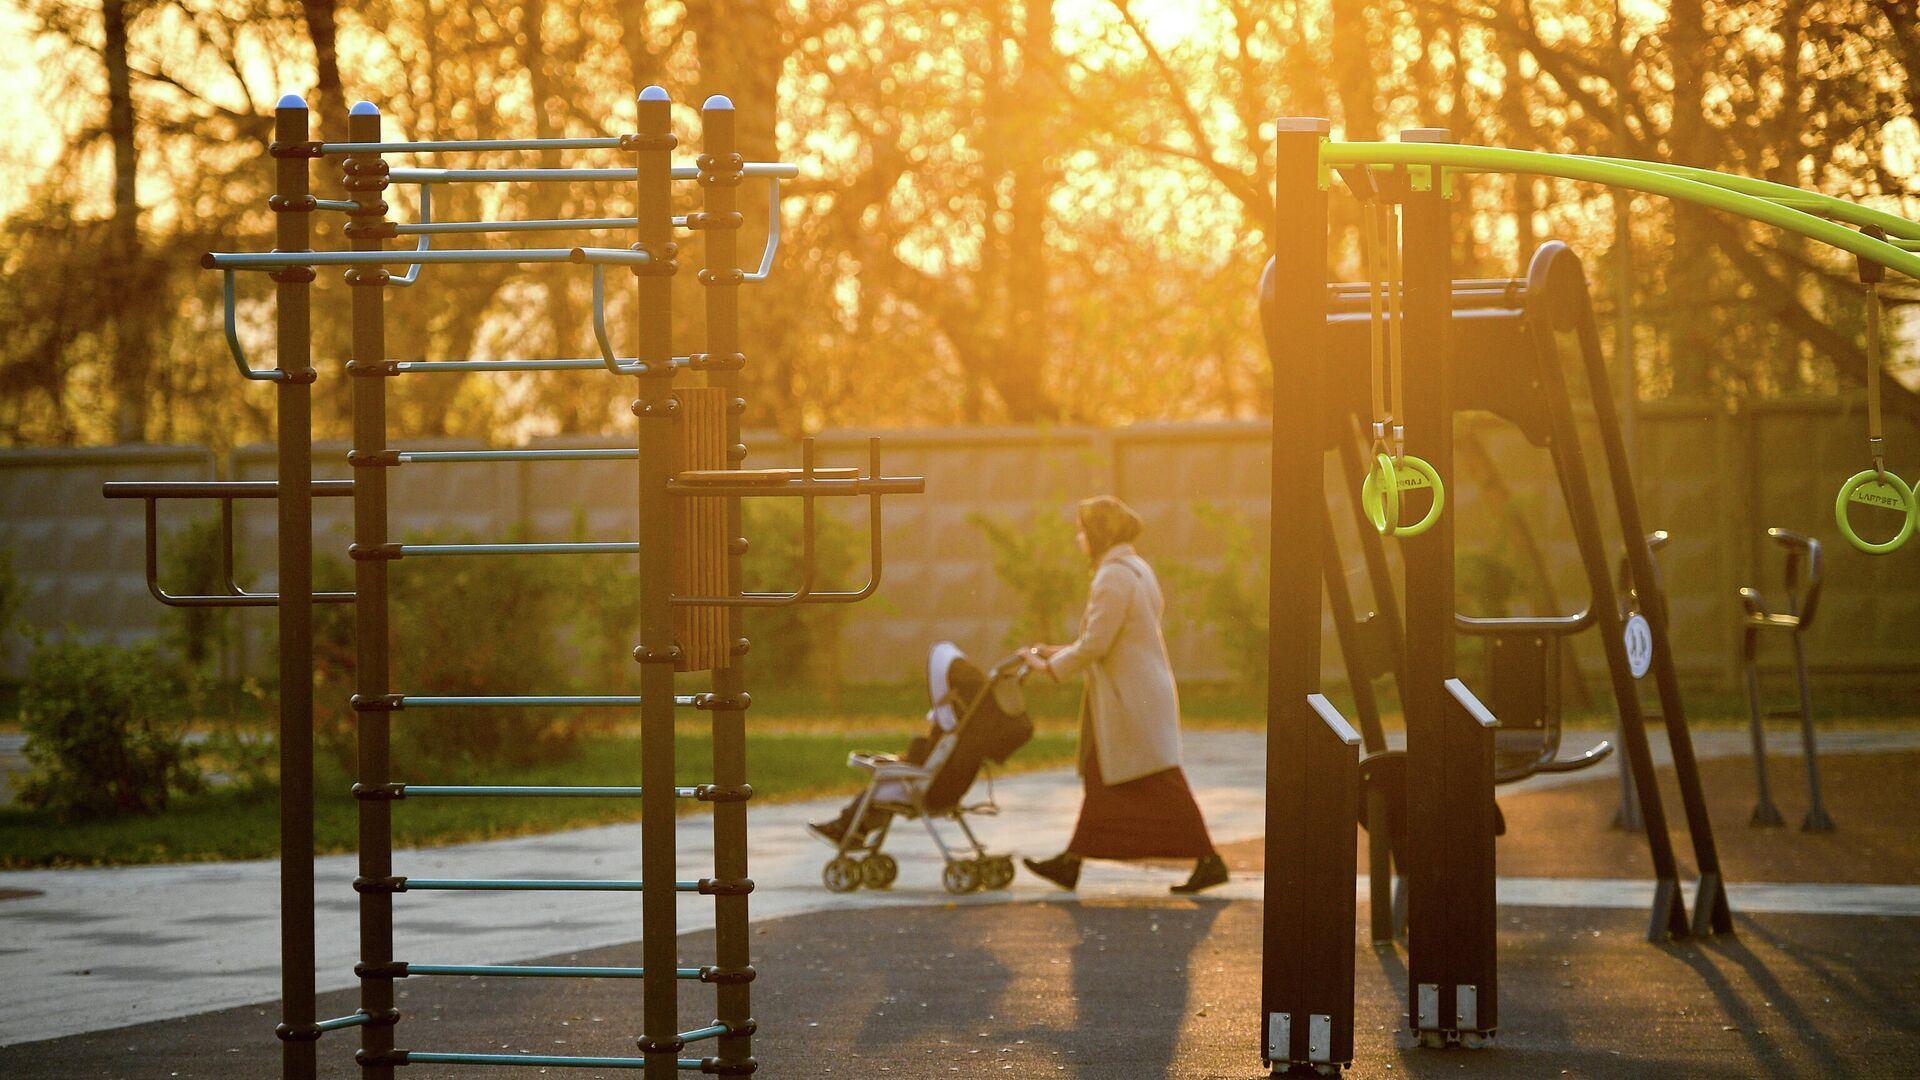 Женщина с ребенком проходит мимо спортивной площадки - РИА Новости, 1920, 09.09.2020